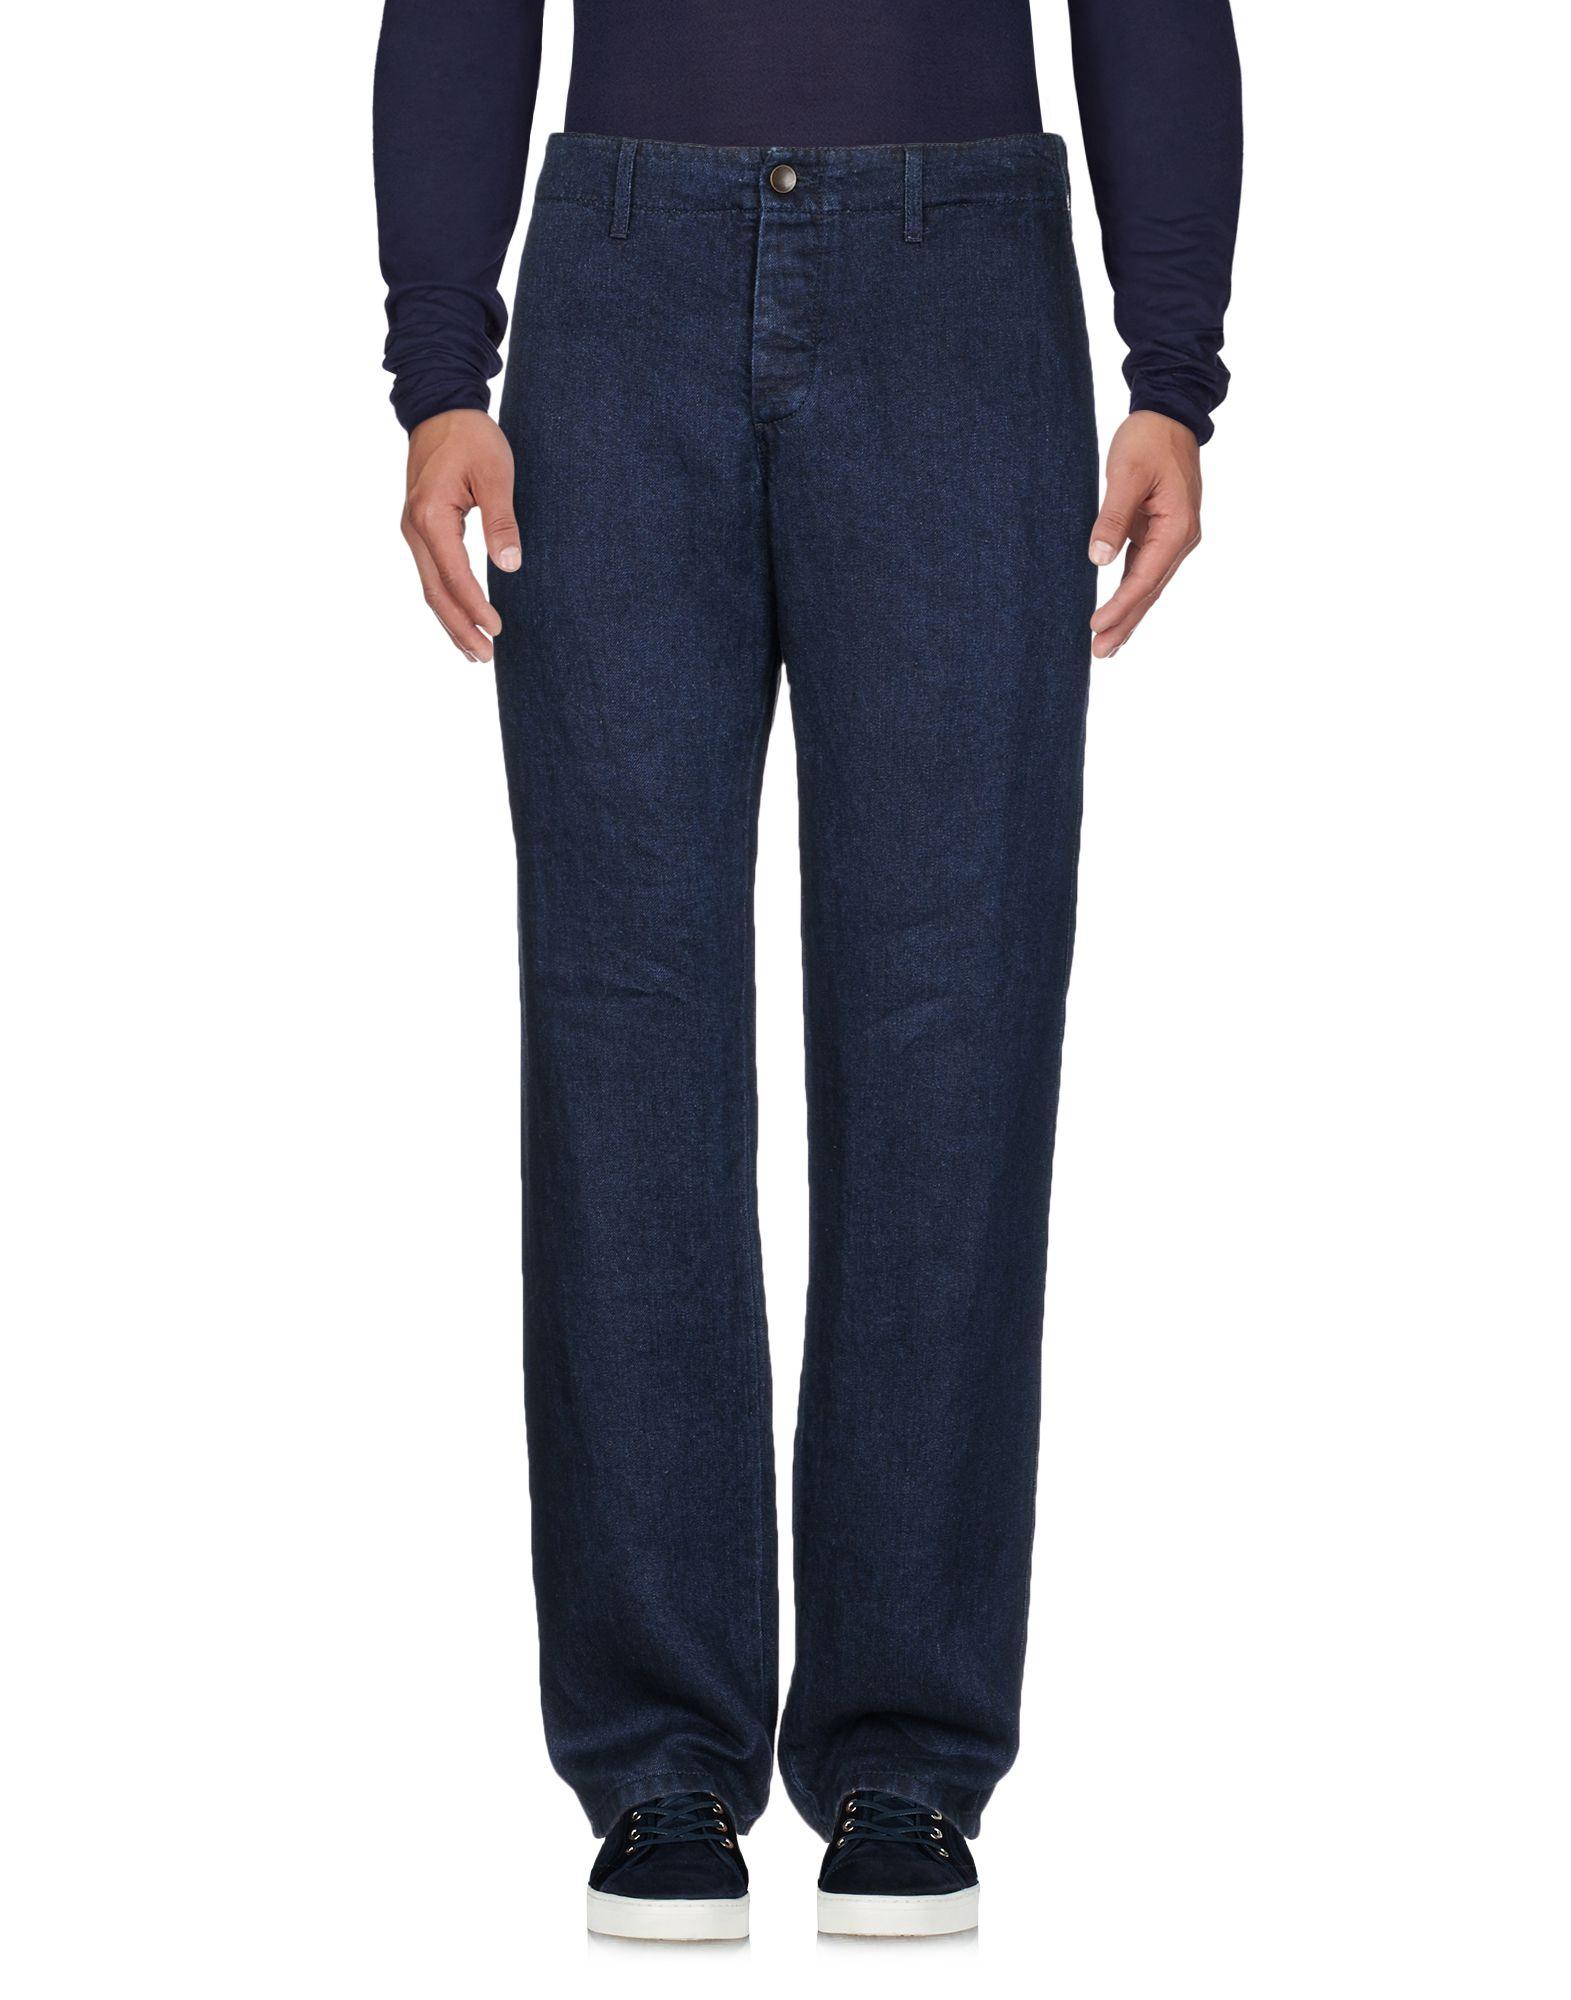 GIORGIO ARMANI Джинсовые брюки carver pioneer camp джинсовые брюки мужские обычные джинсовые брюки темно синий 33 611 021